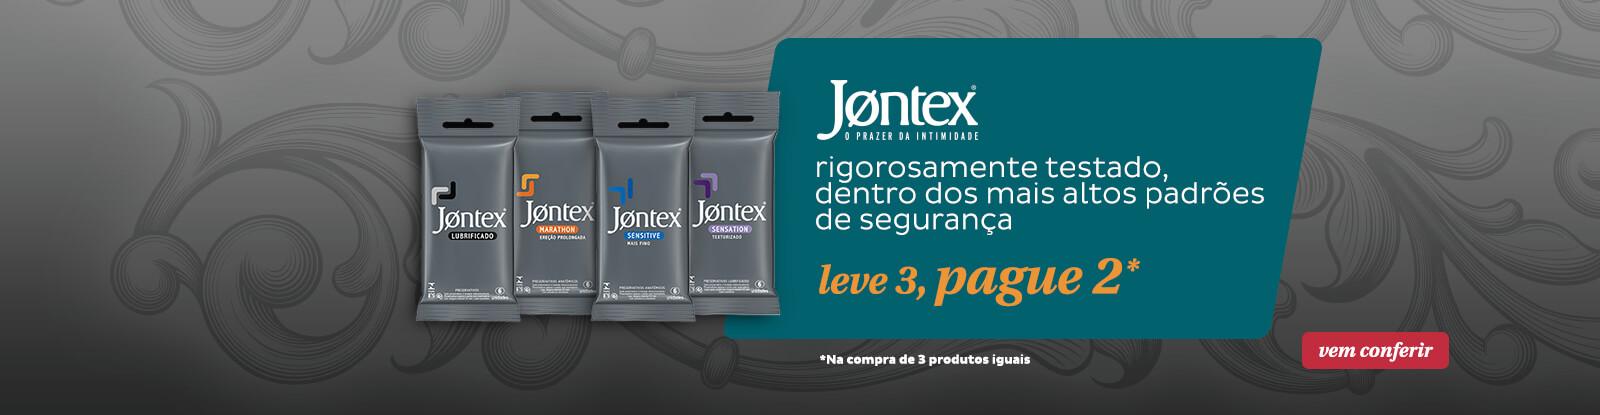 Jontex